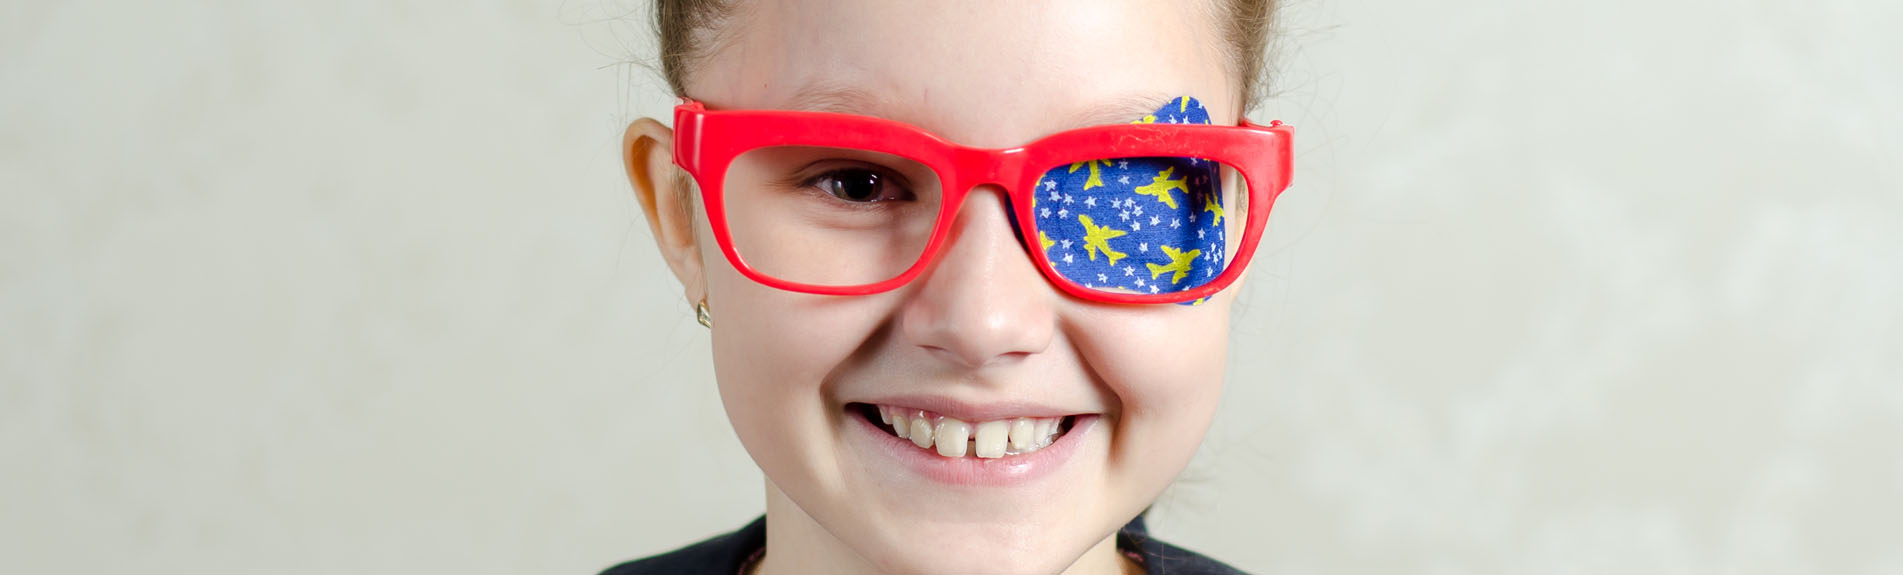 mi a látás amblyopia